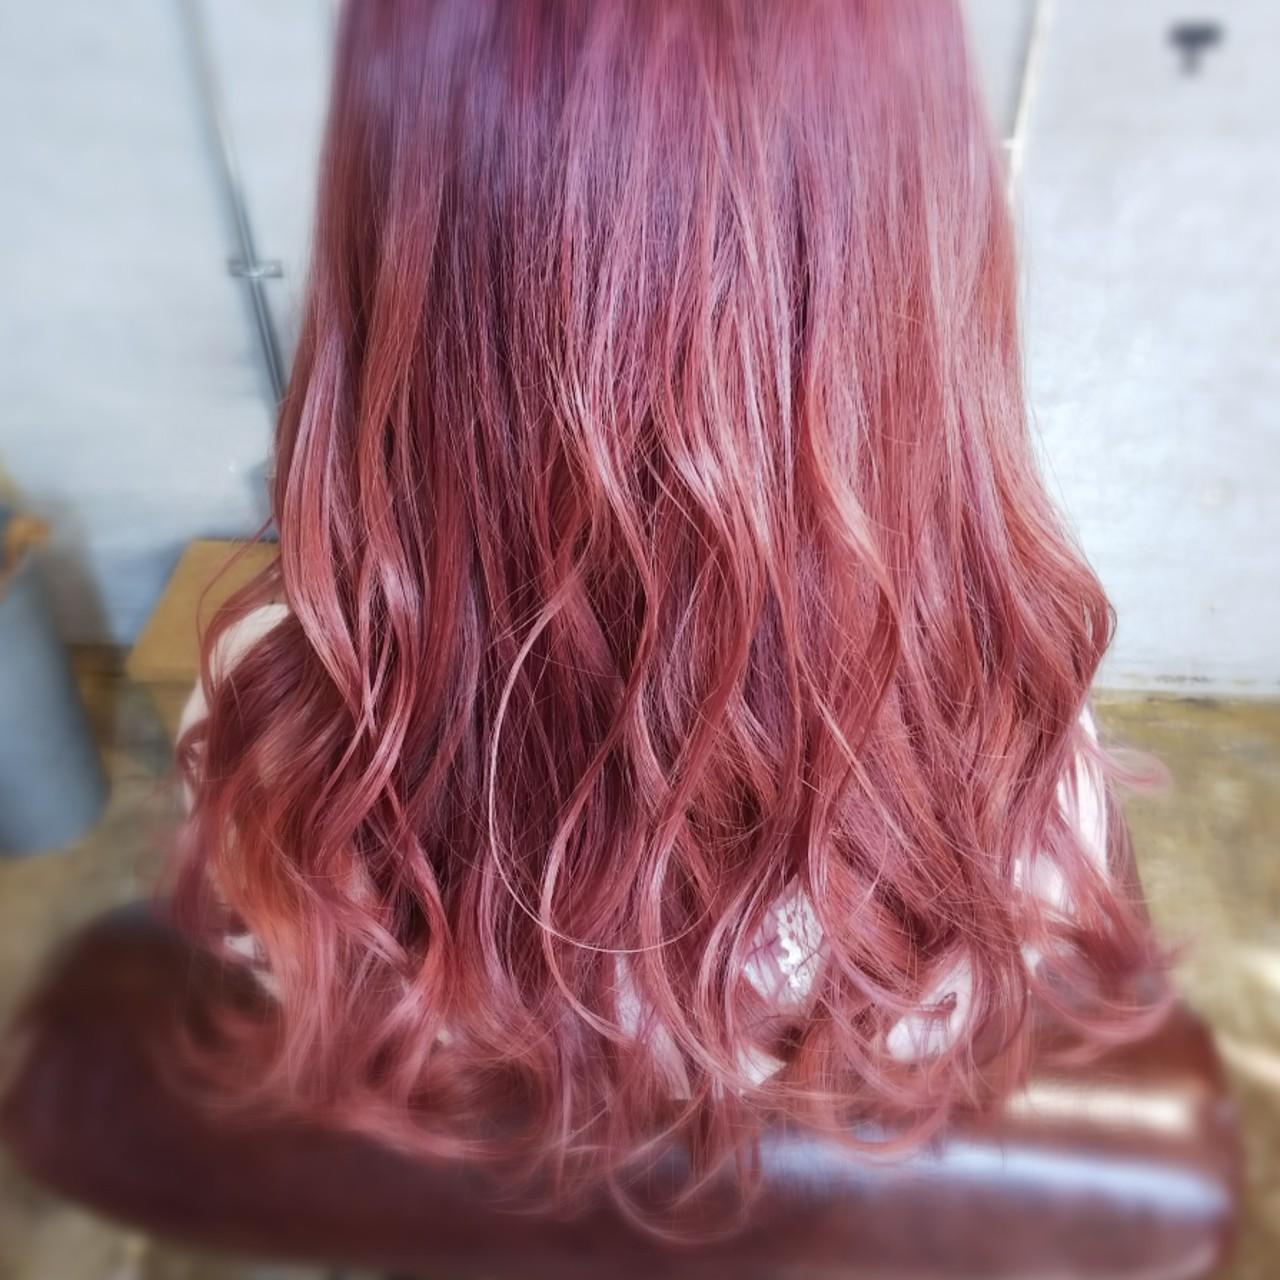 個性的 ガーリー ピンク レッド ヘアスタイルや髪型の写真・画像